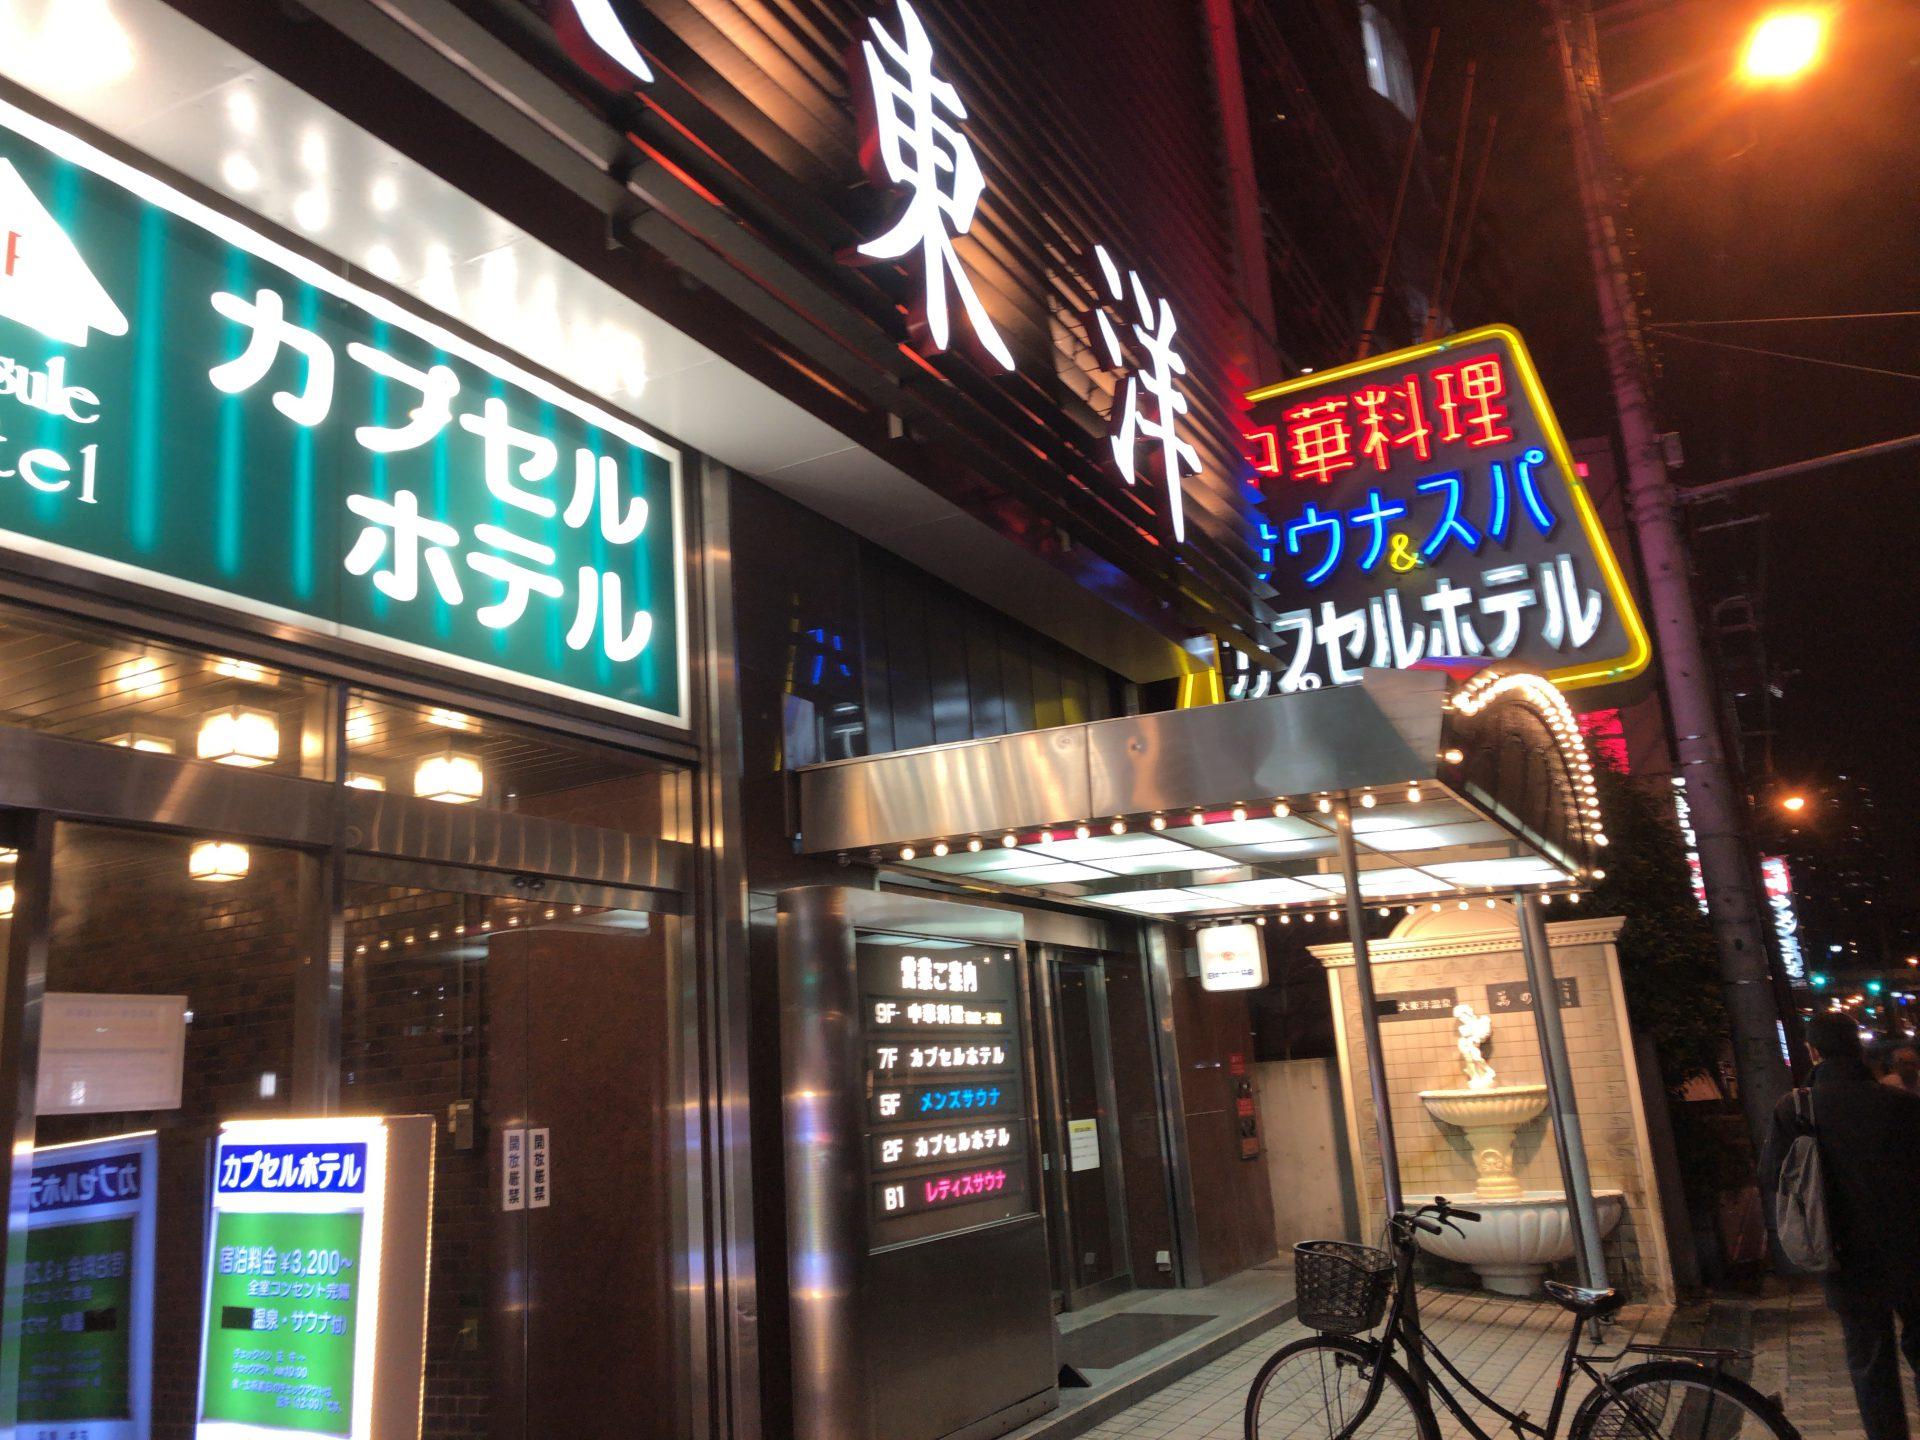 てっちゃんが大阪に来たので大東洋で蒸したり岐阜に行ったりした話!?